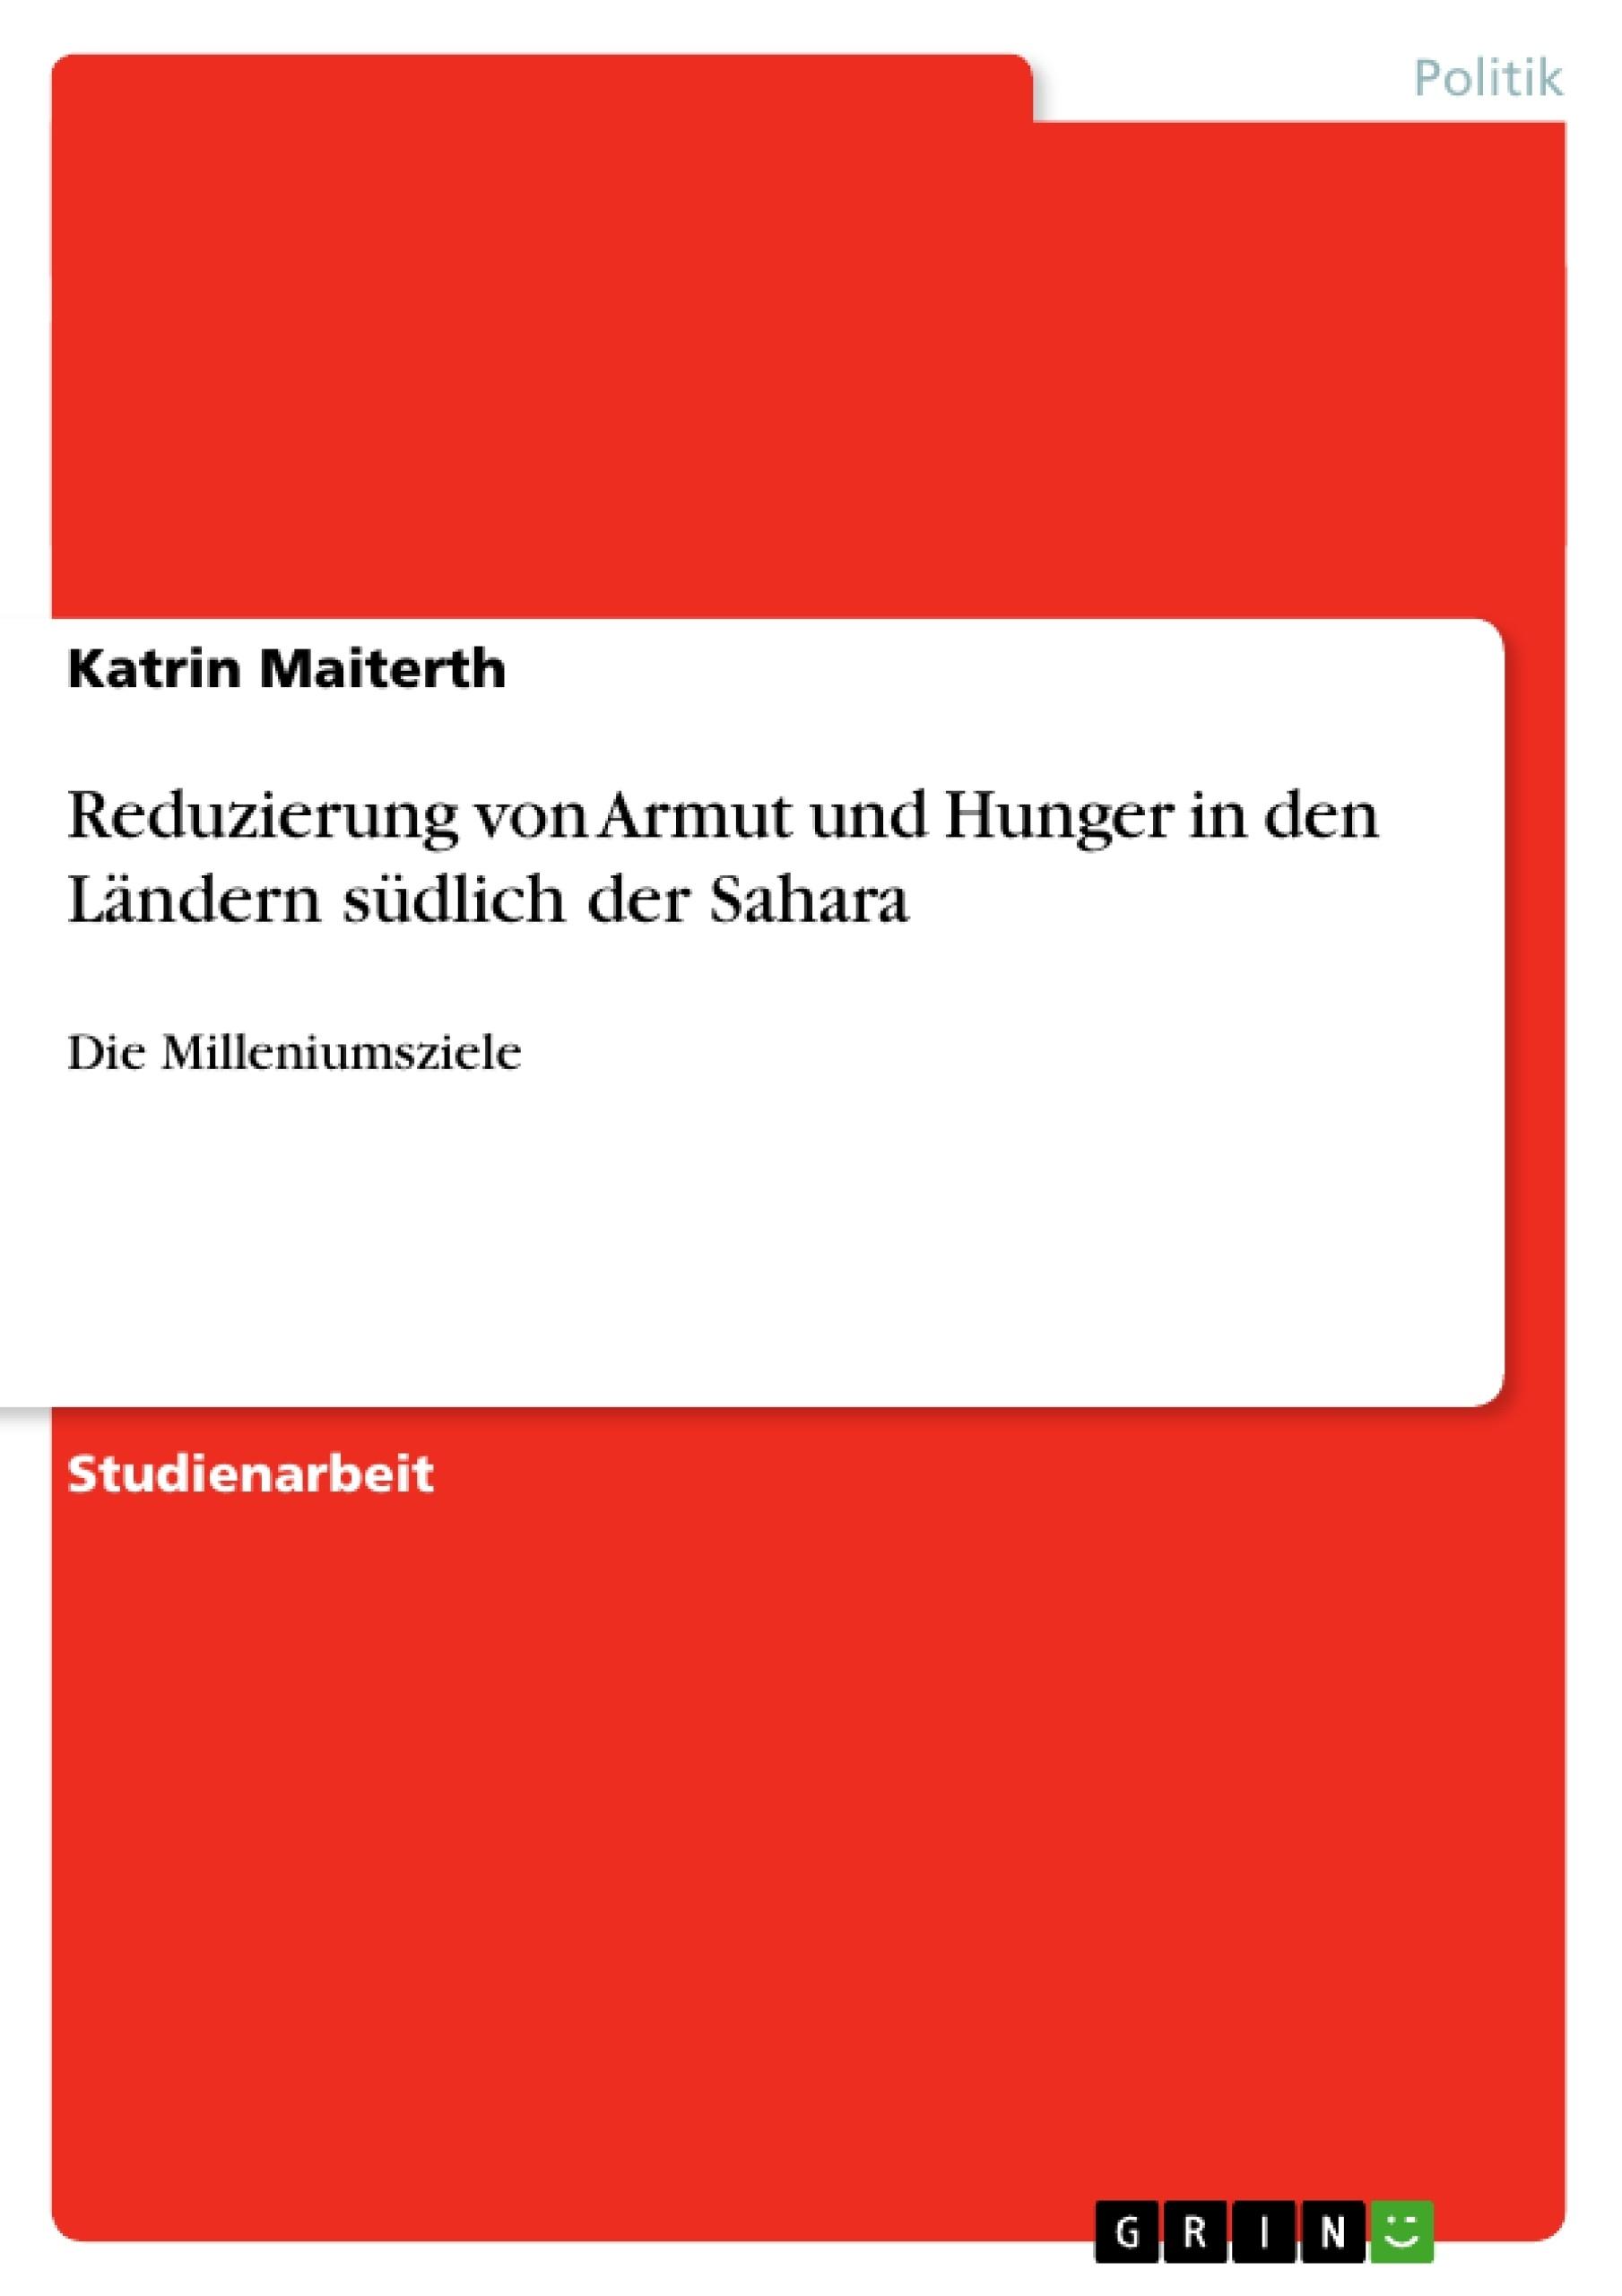 Titel: Reduzierung von Armut und Hunger in den Ländern südlich der Sahara